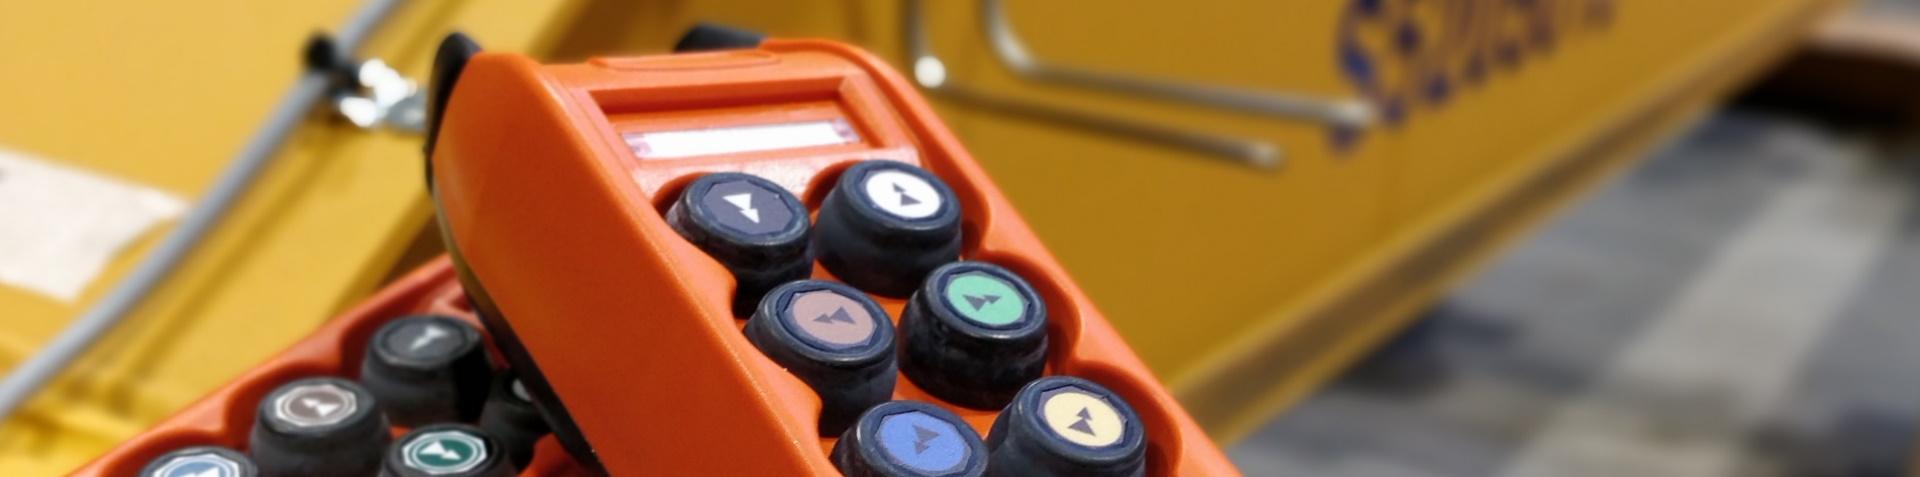 Radiocommandes